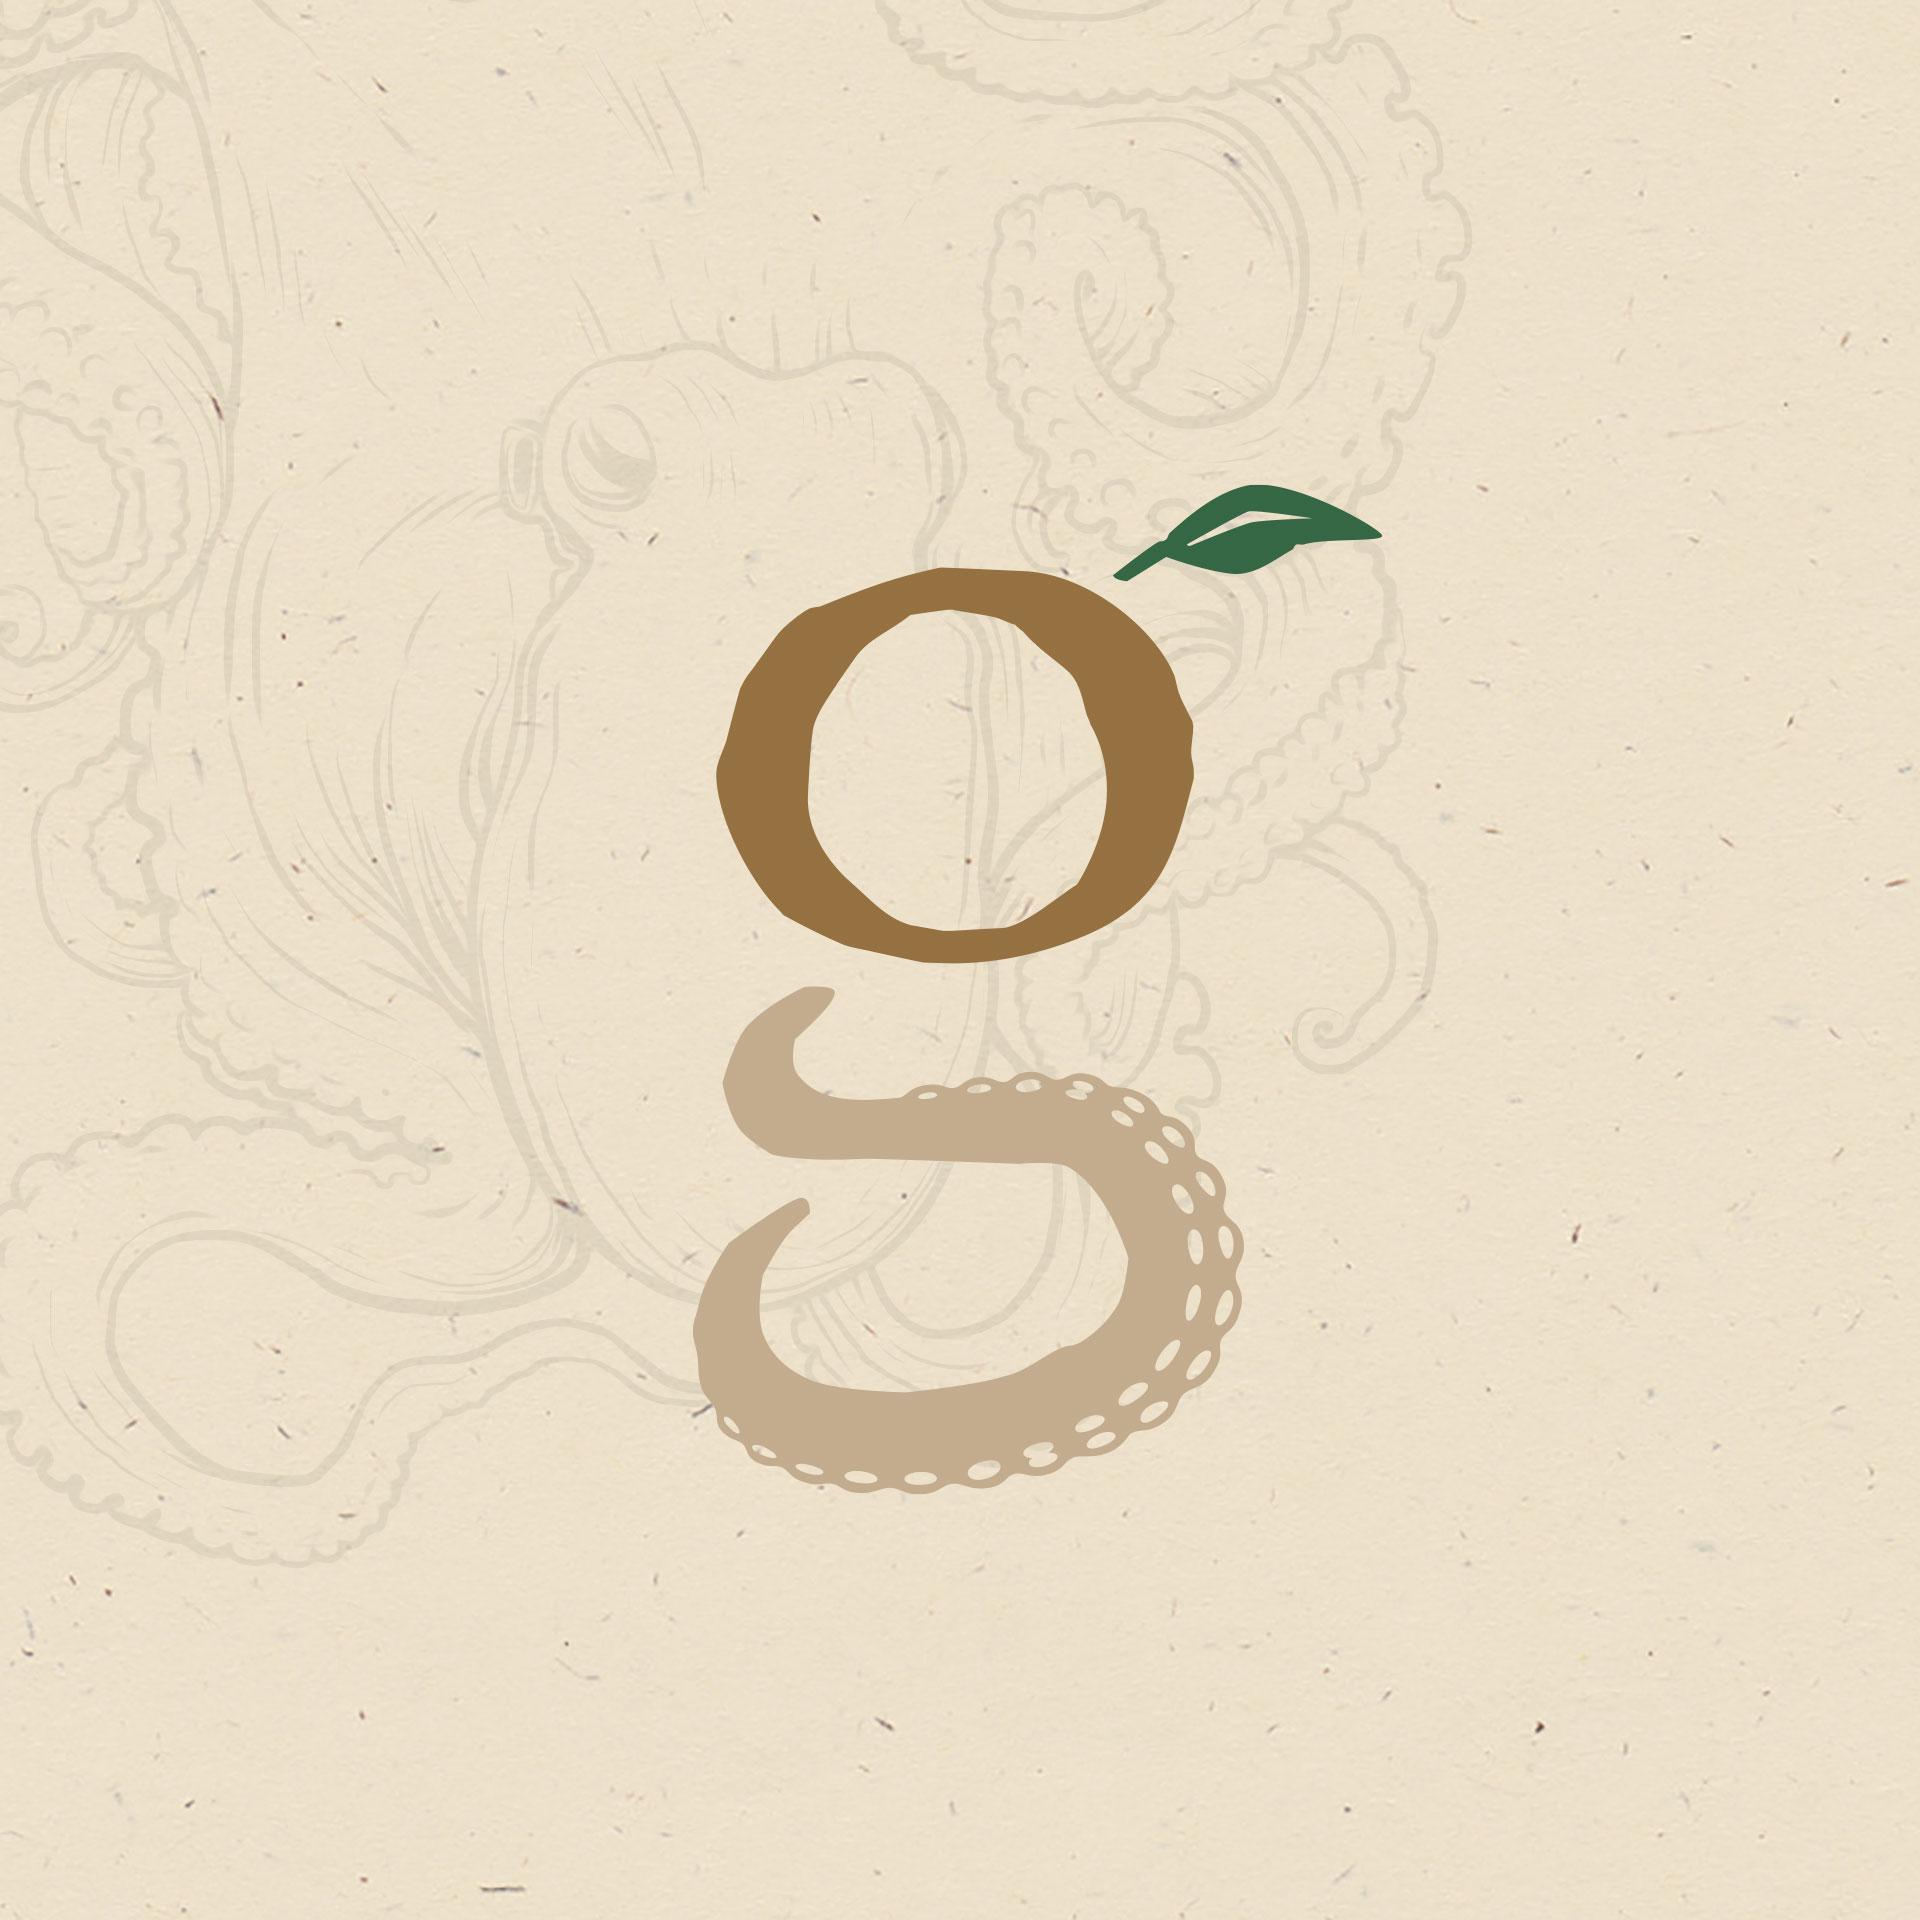 acme-logo-ogoa.jpg